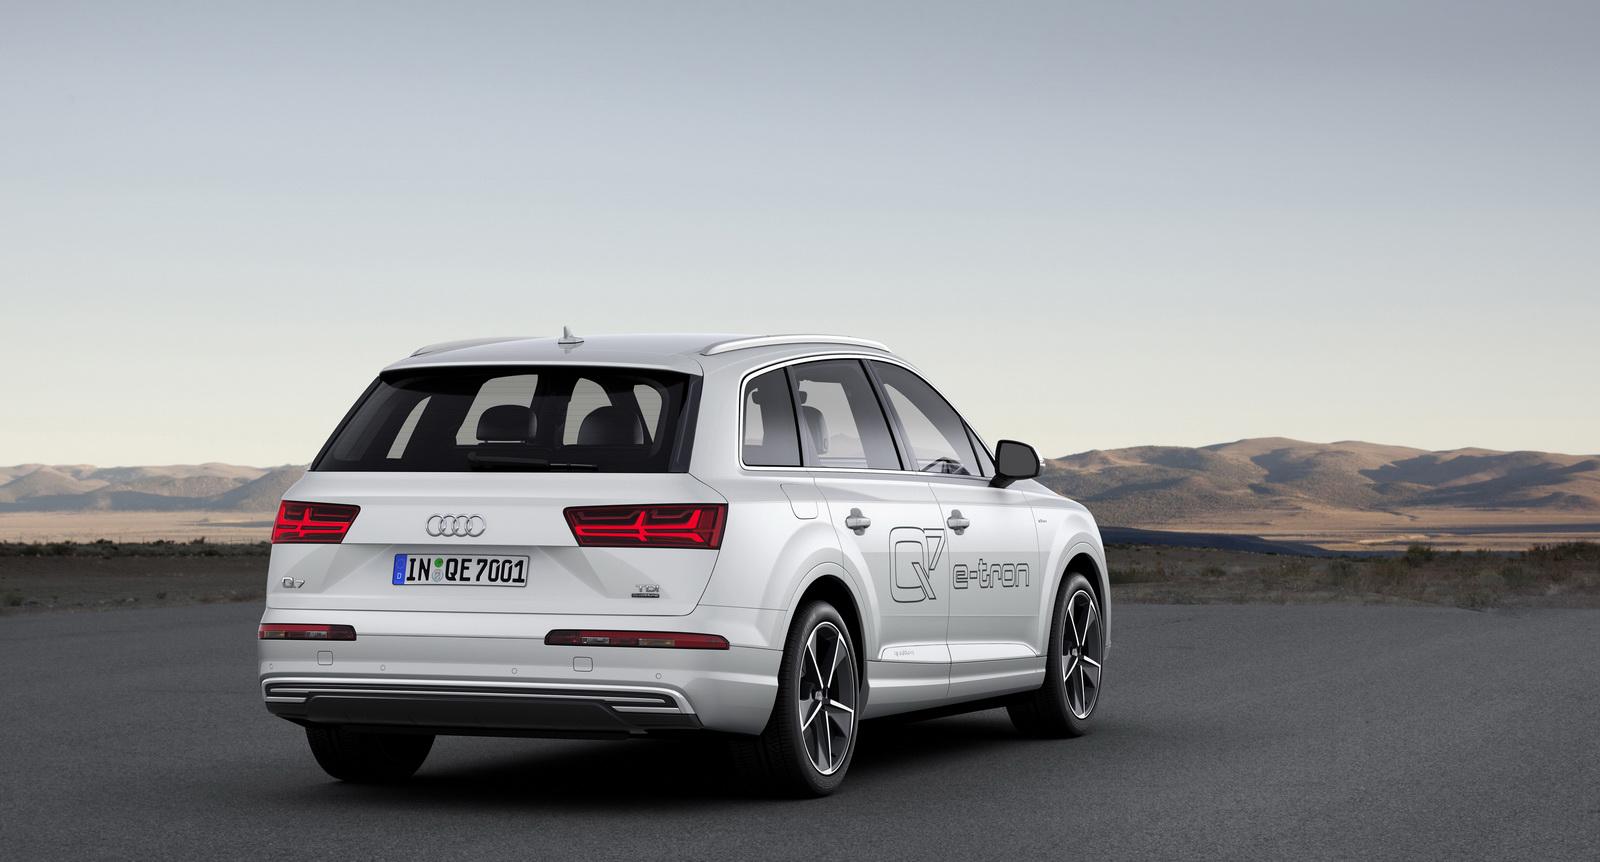 Audi Q7 e-tron 3.0 TDI quattro 2016: Sólo 1.7l/100 km de consumo medio 4